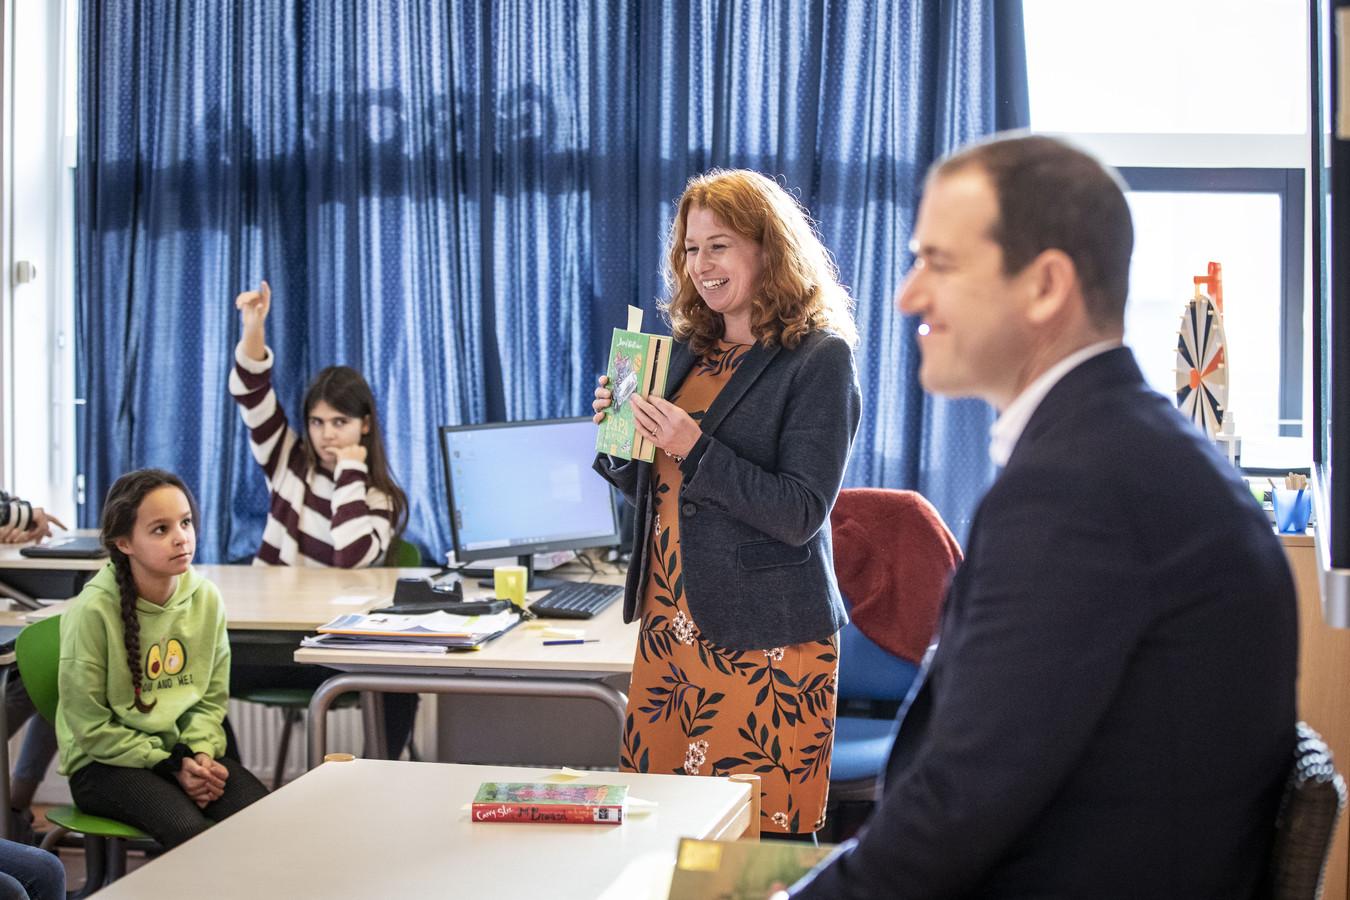 Lodewijk Asscher, PvdA-leider, bezocht eind vorig jaar de Bonifatiusschool in het kader van laaggeletterdheid